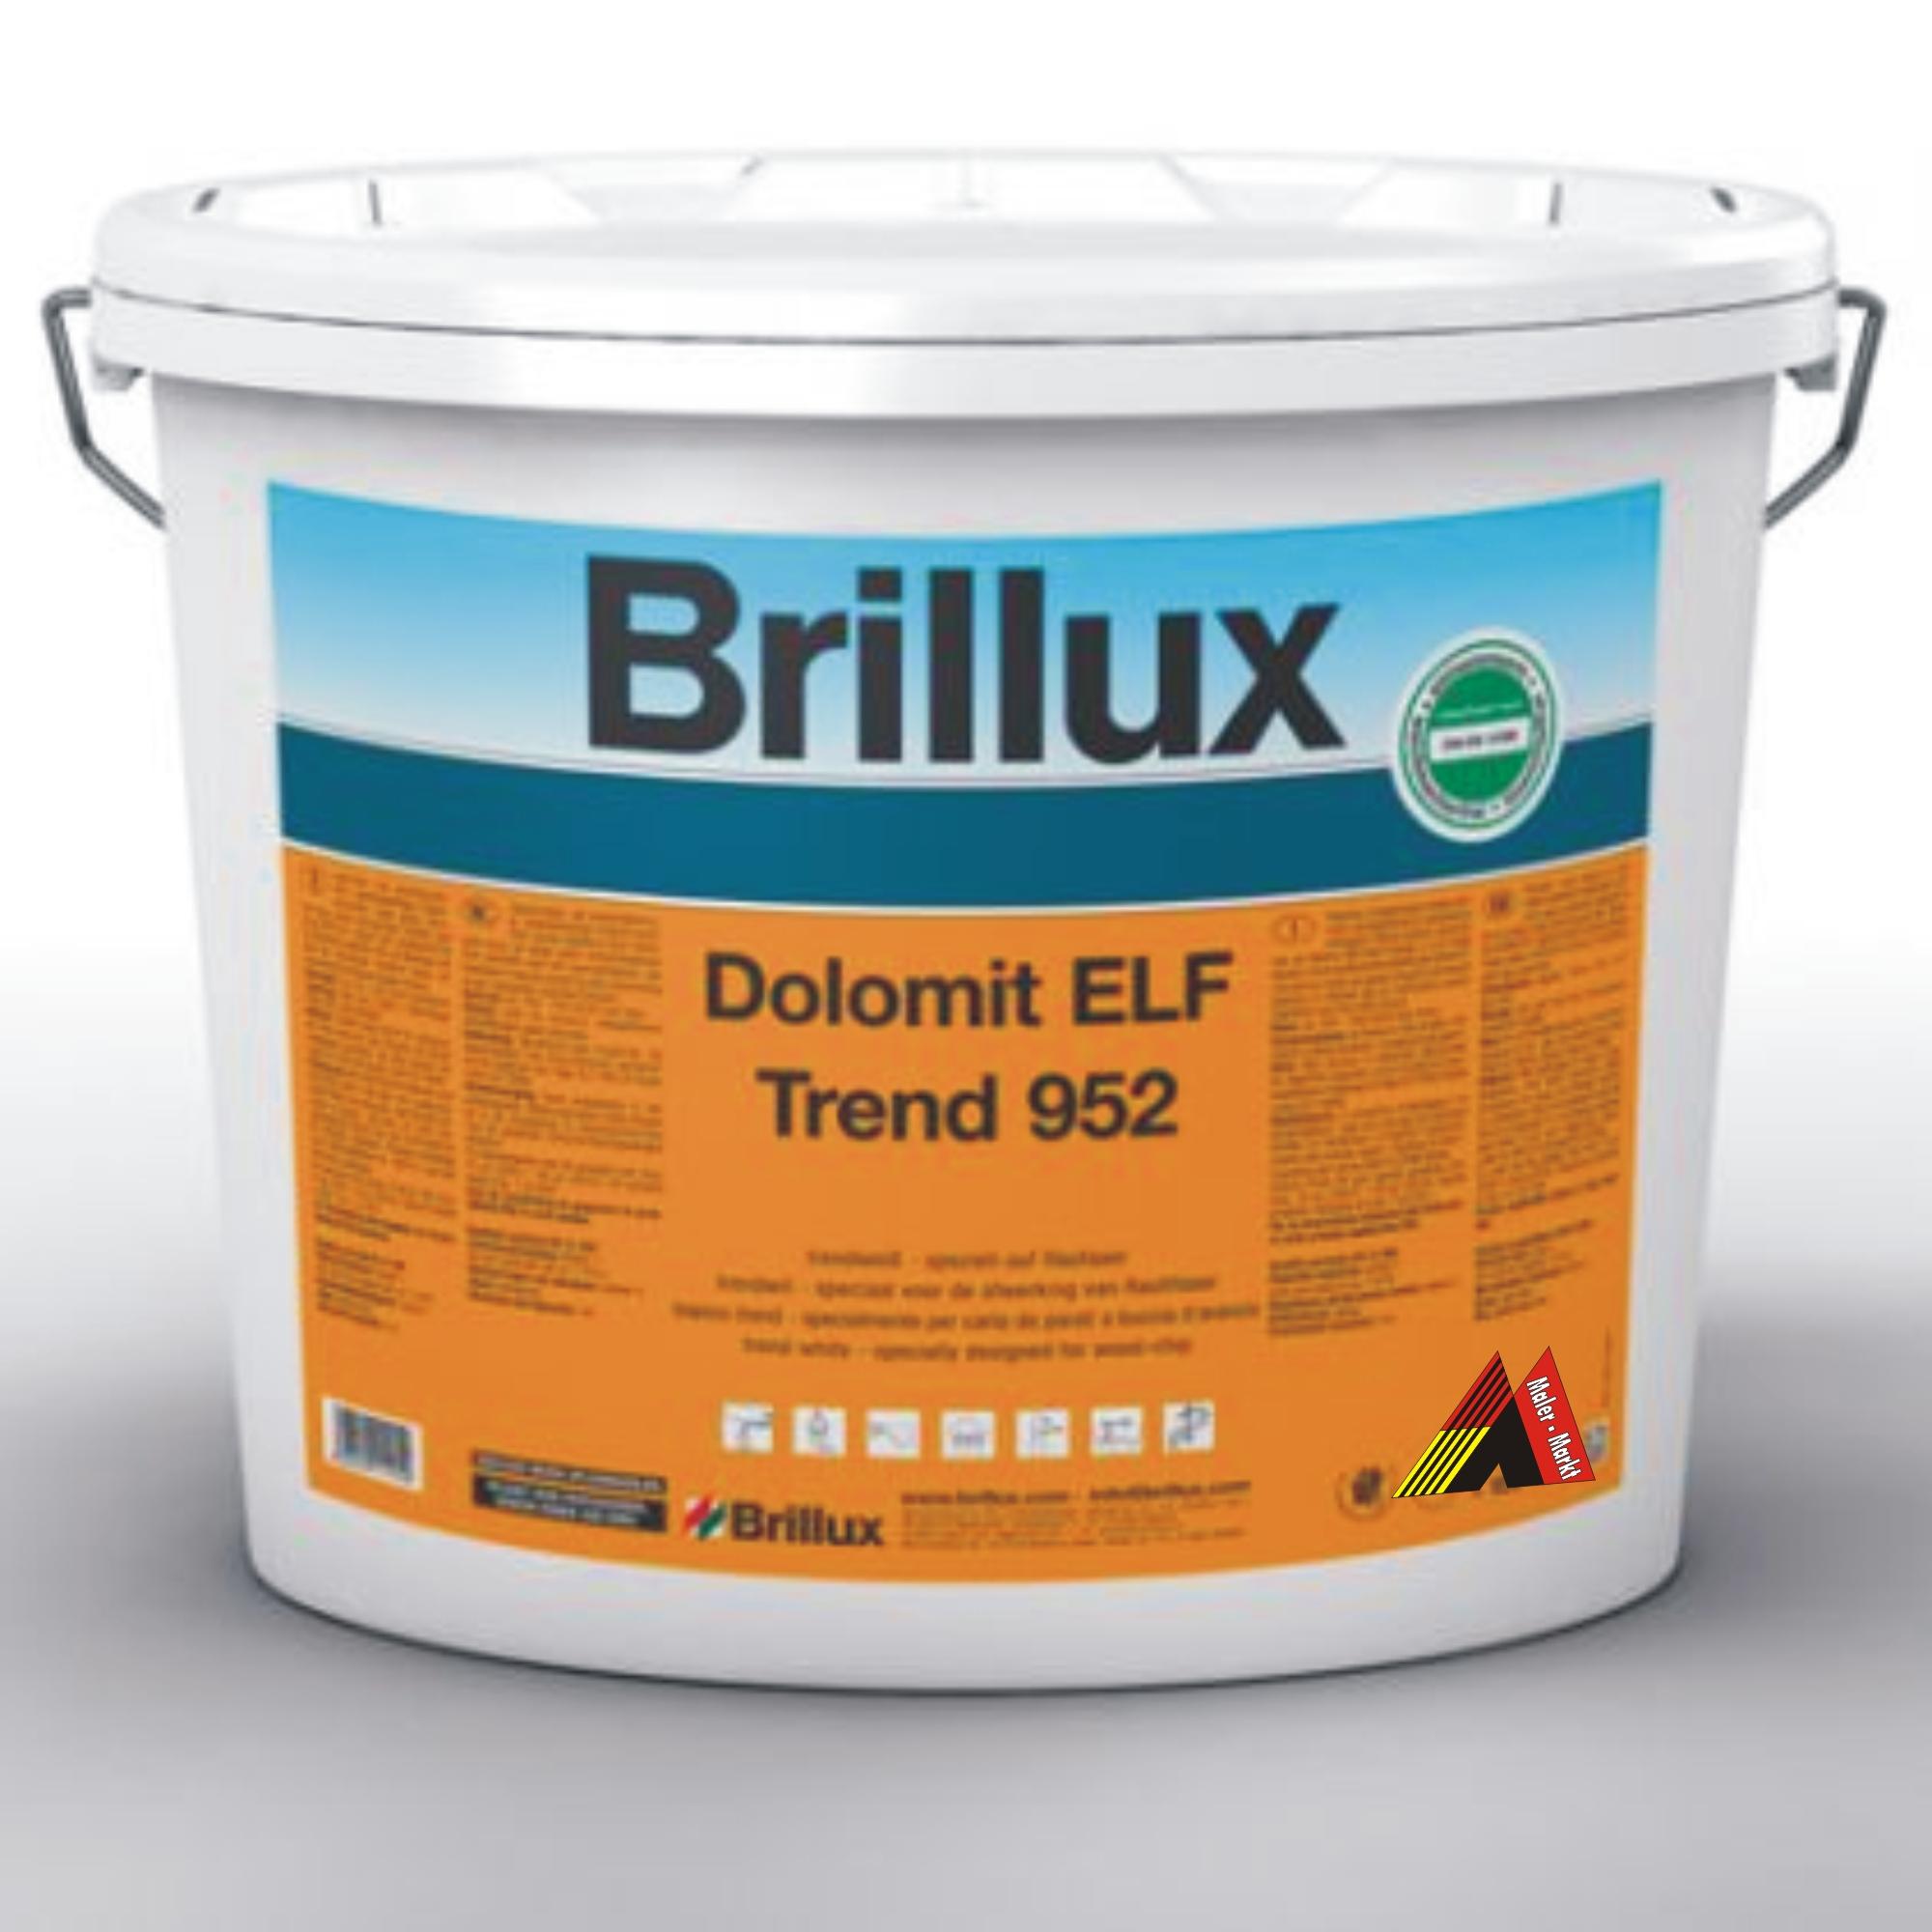 Dolomit Elf Trend 952 : brillux dolomit elf trend 952 15 liter euro pro ~ Watch28wear.com Haus und Dekorationen